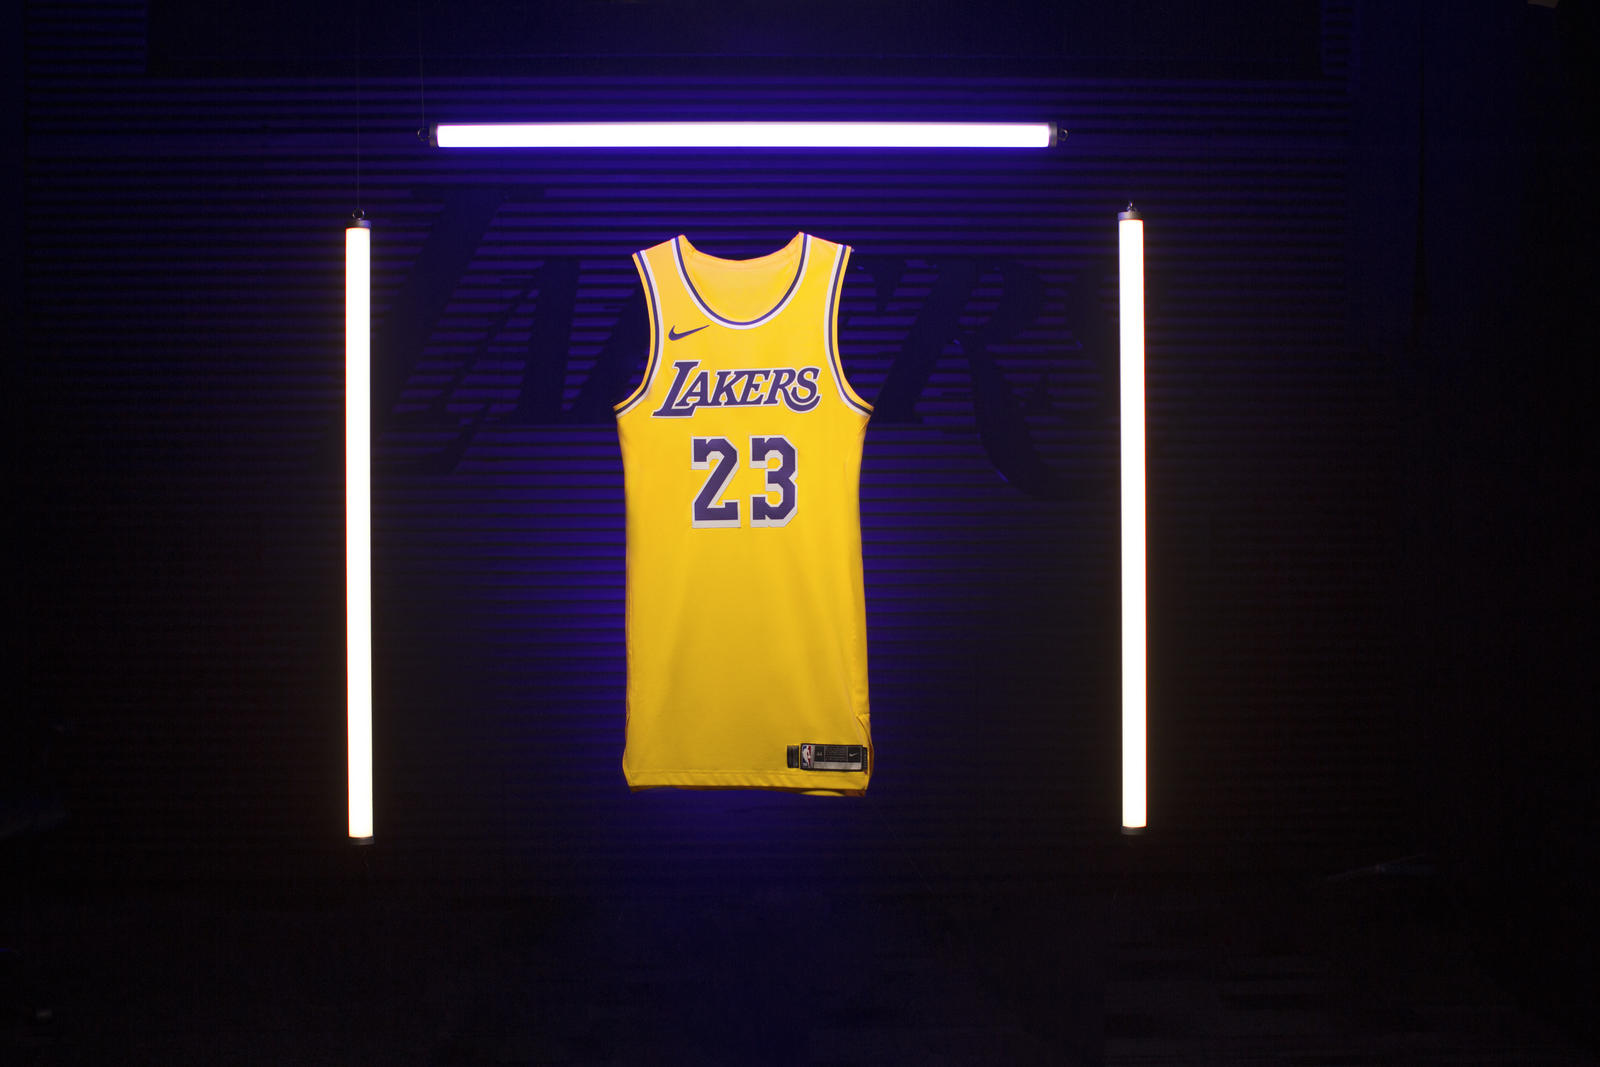 1bdfc68b7ff98 Top 15 des plus gros vendeurs de maillots NBA lors de la saison régulière  2018-2019 sur NBAStore.com